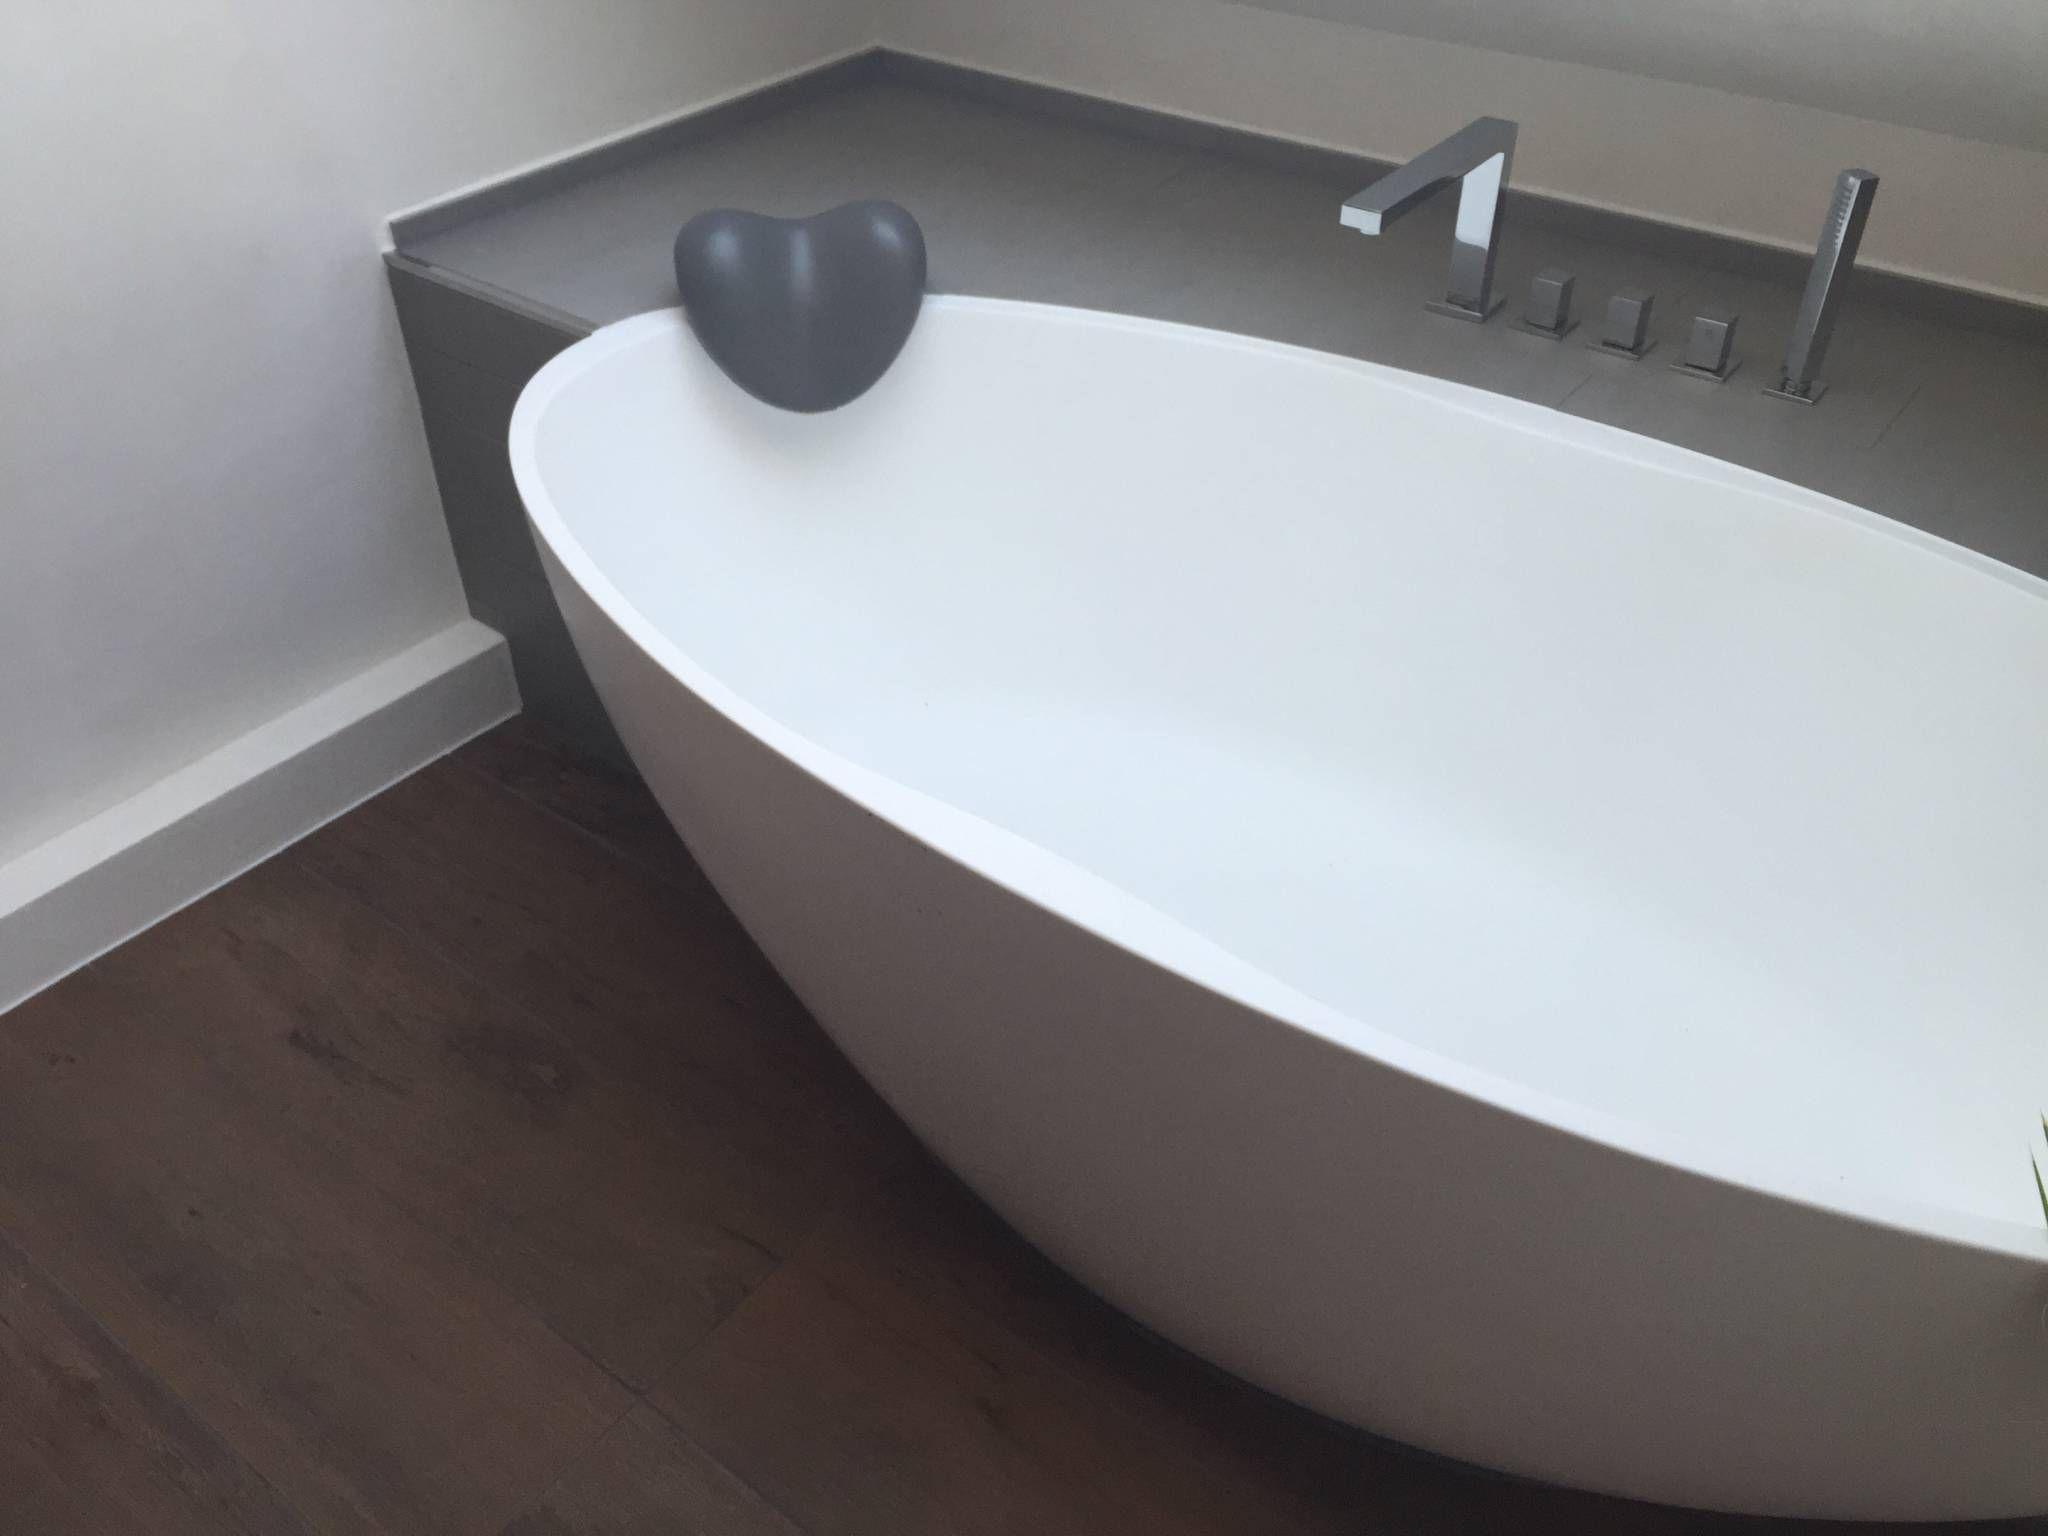 Einbau Dokumentation Eines Badeloft Kunden Anhand Der Freistehenden Badewanne Bw 04 Moderne Badezimmer Von Badeloft Gmbh Hersteller Von Badewannen Und Waschbe Badewanne Freistehende Badewanne Badezimmer